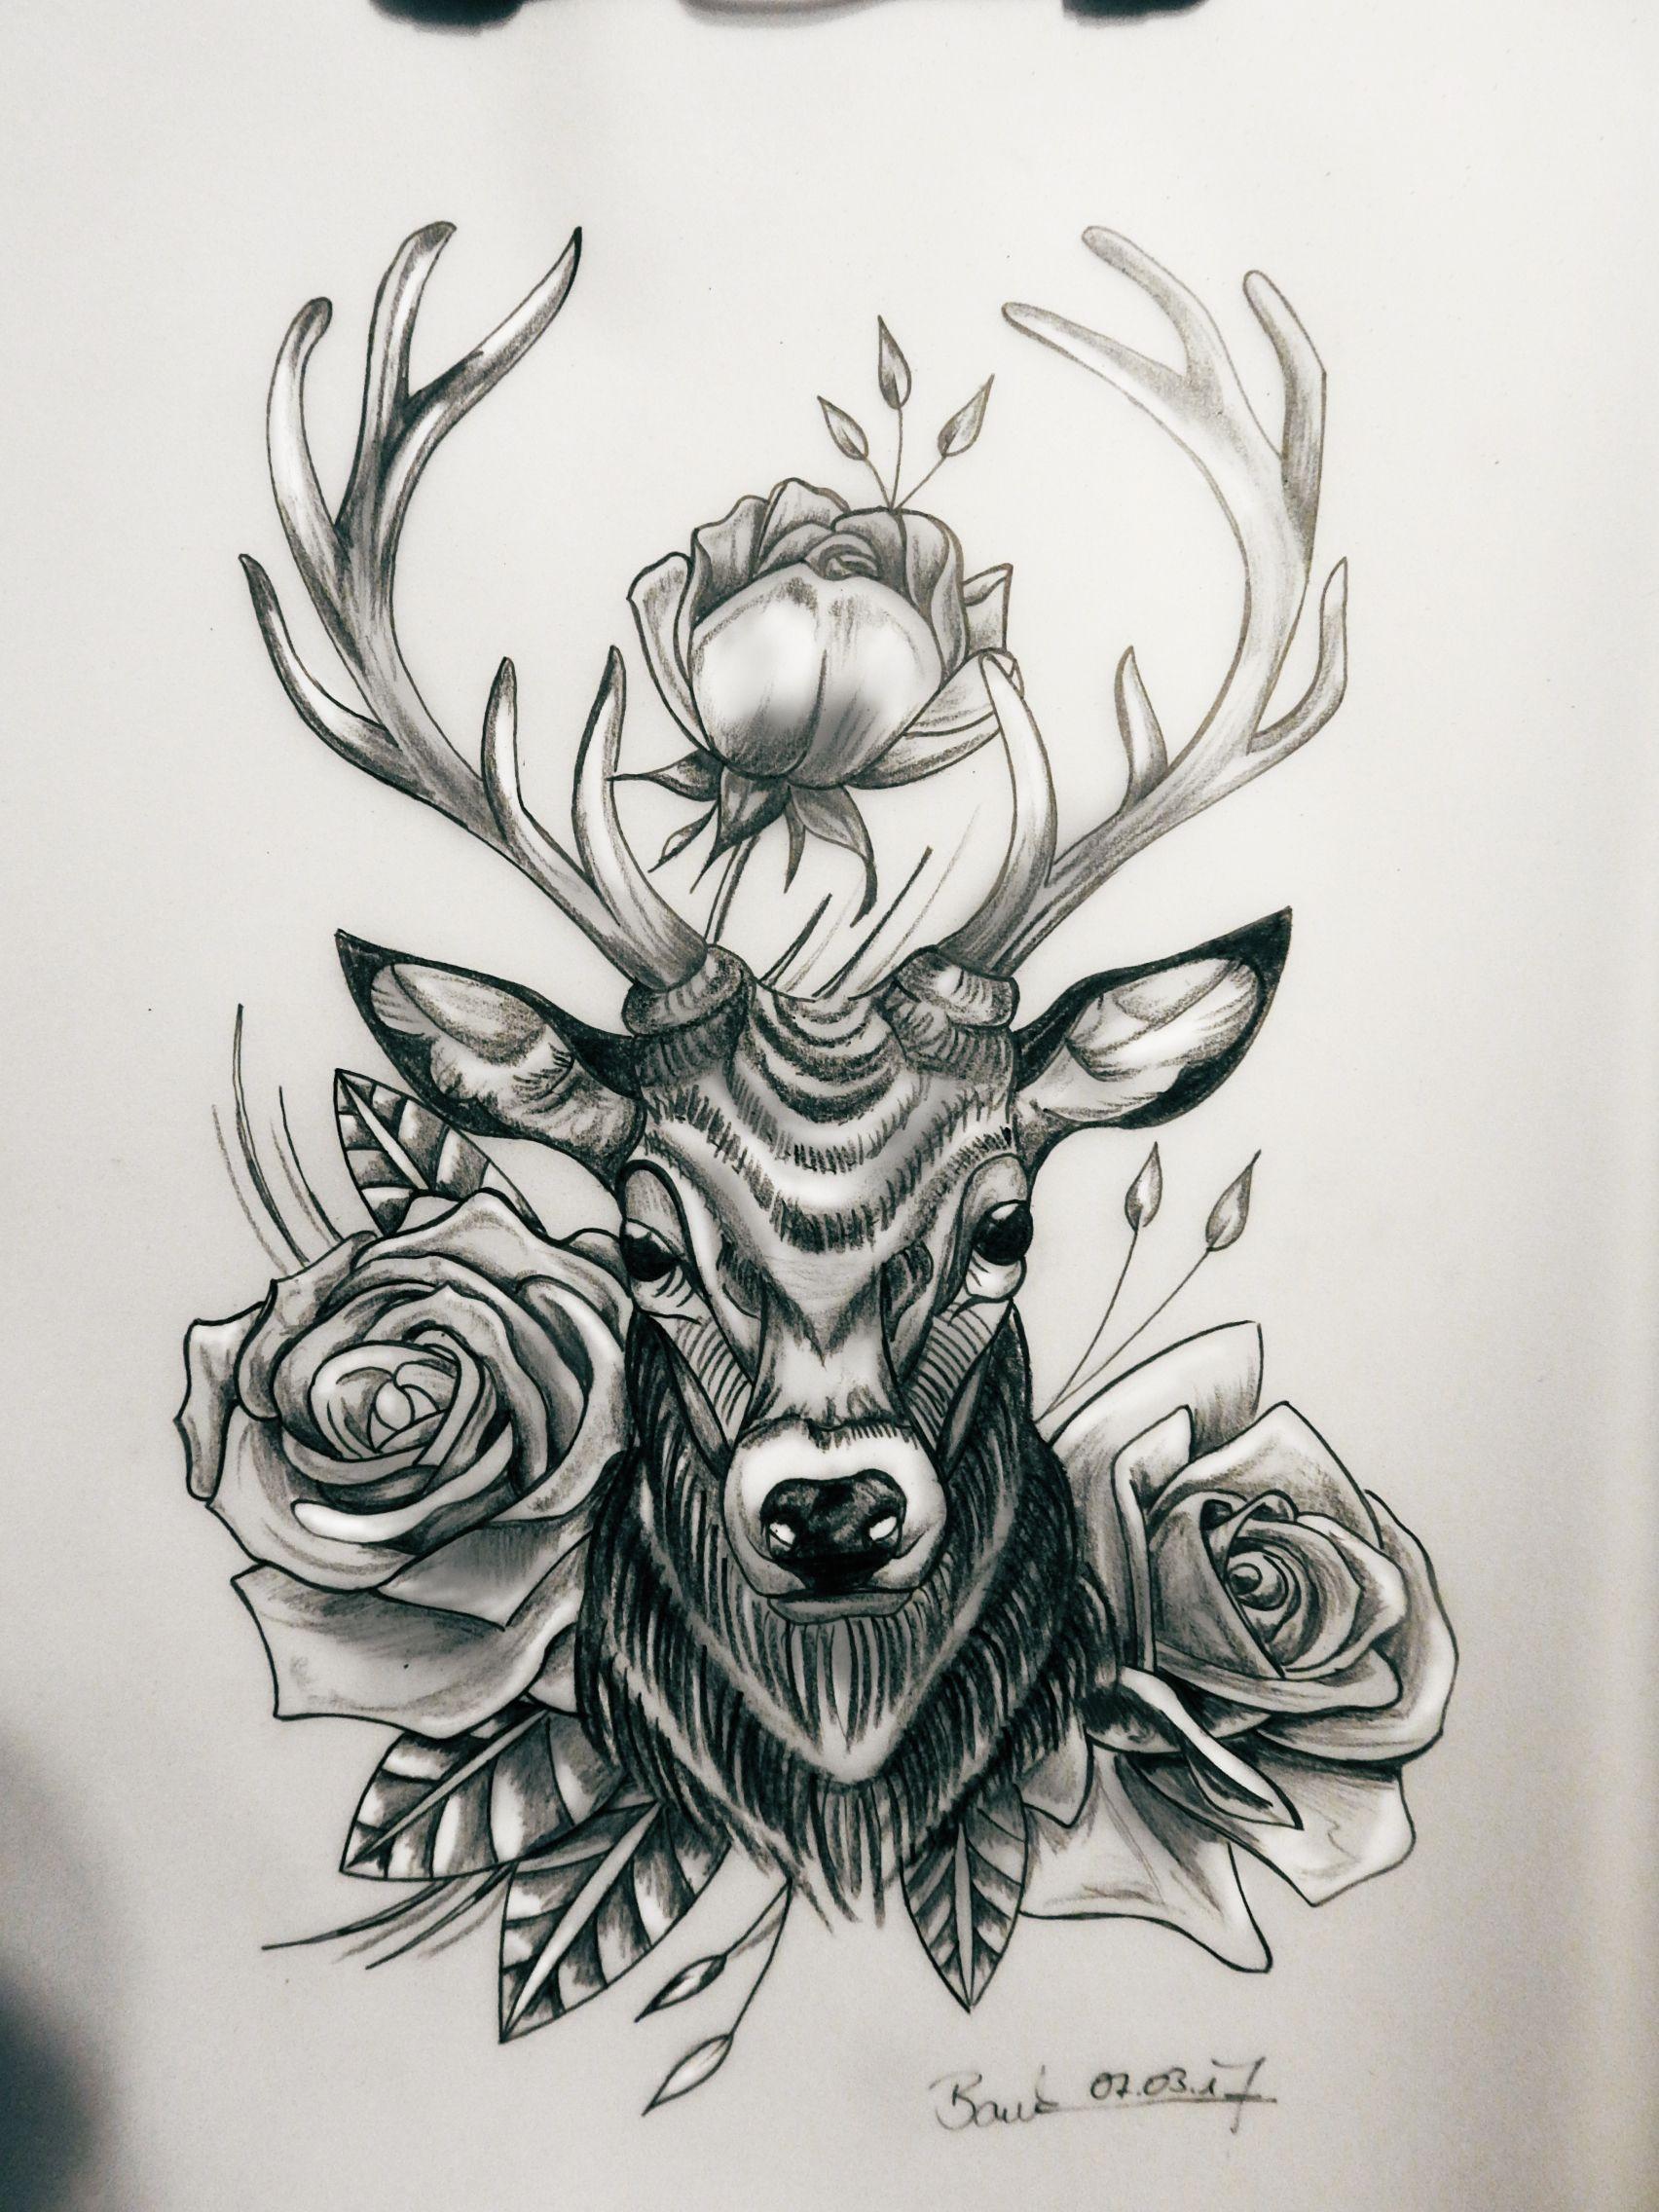 tattoo #Art #Design #custom #drawing #pencil #vorlage #entwurf ...